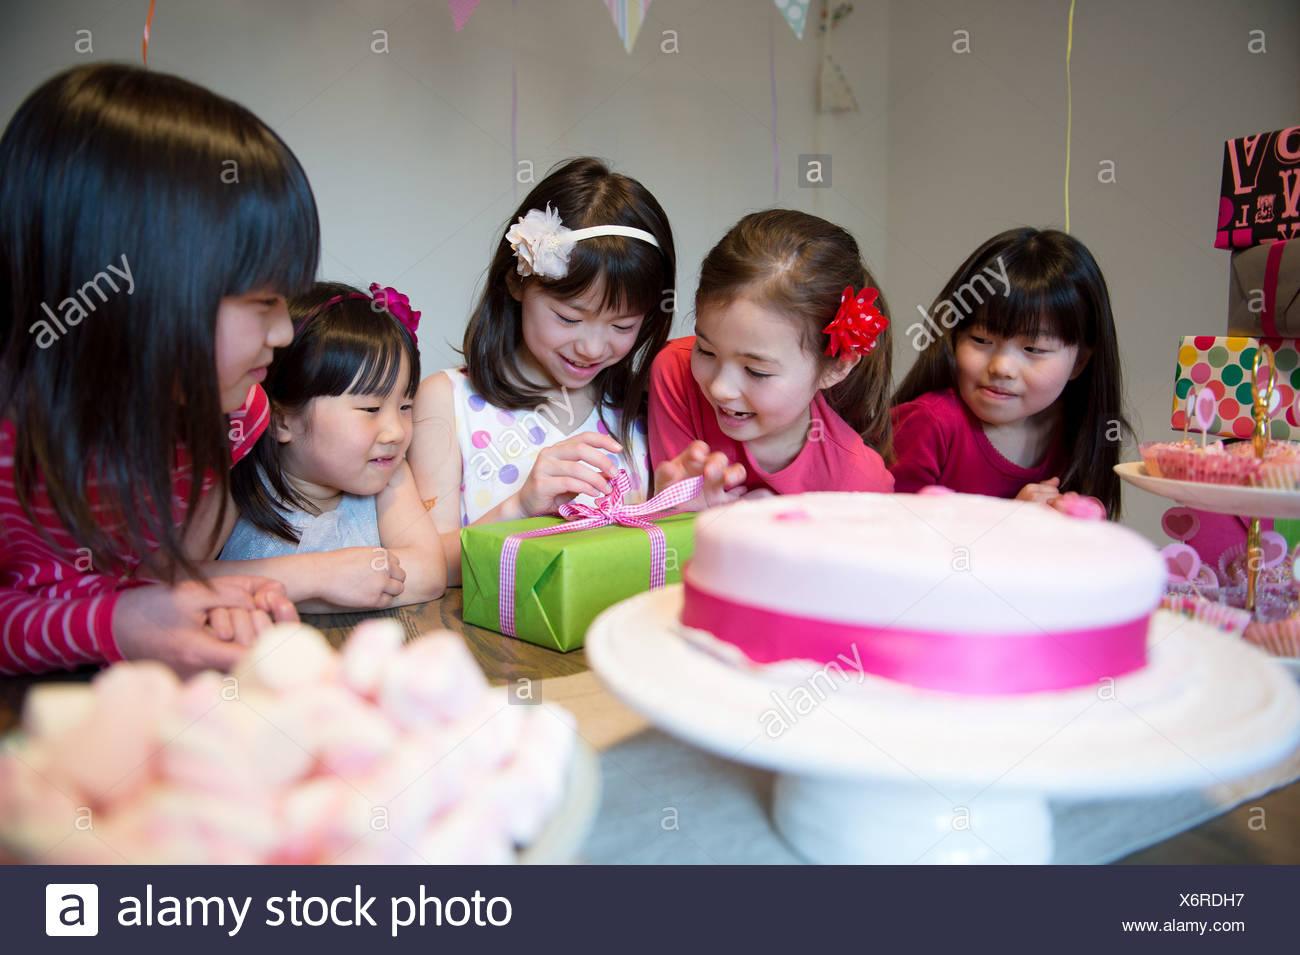 Chica desembalaje de regalo de cumpleaños en parte Imagen De Stock